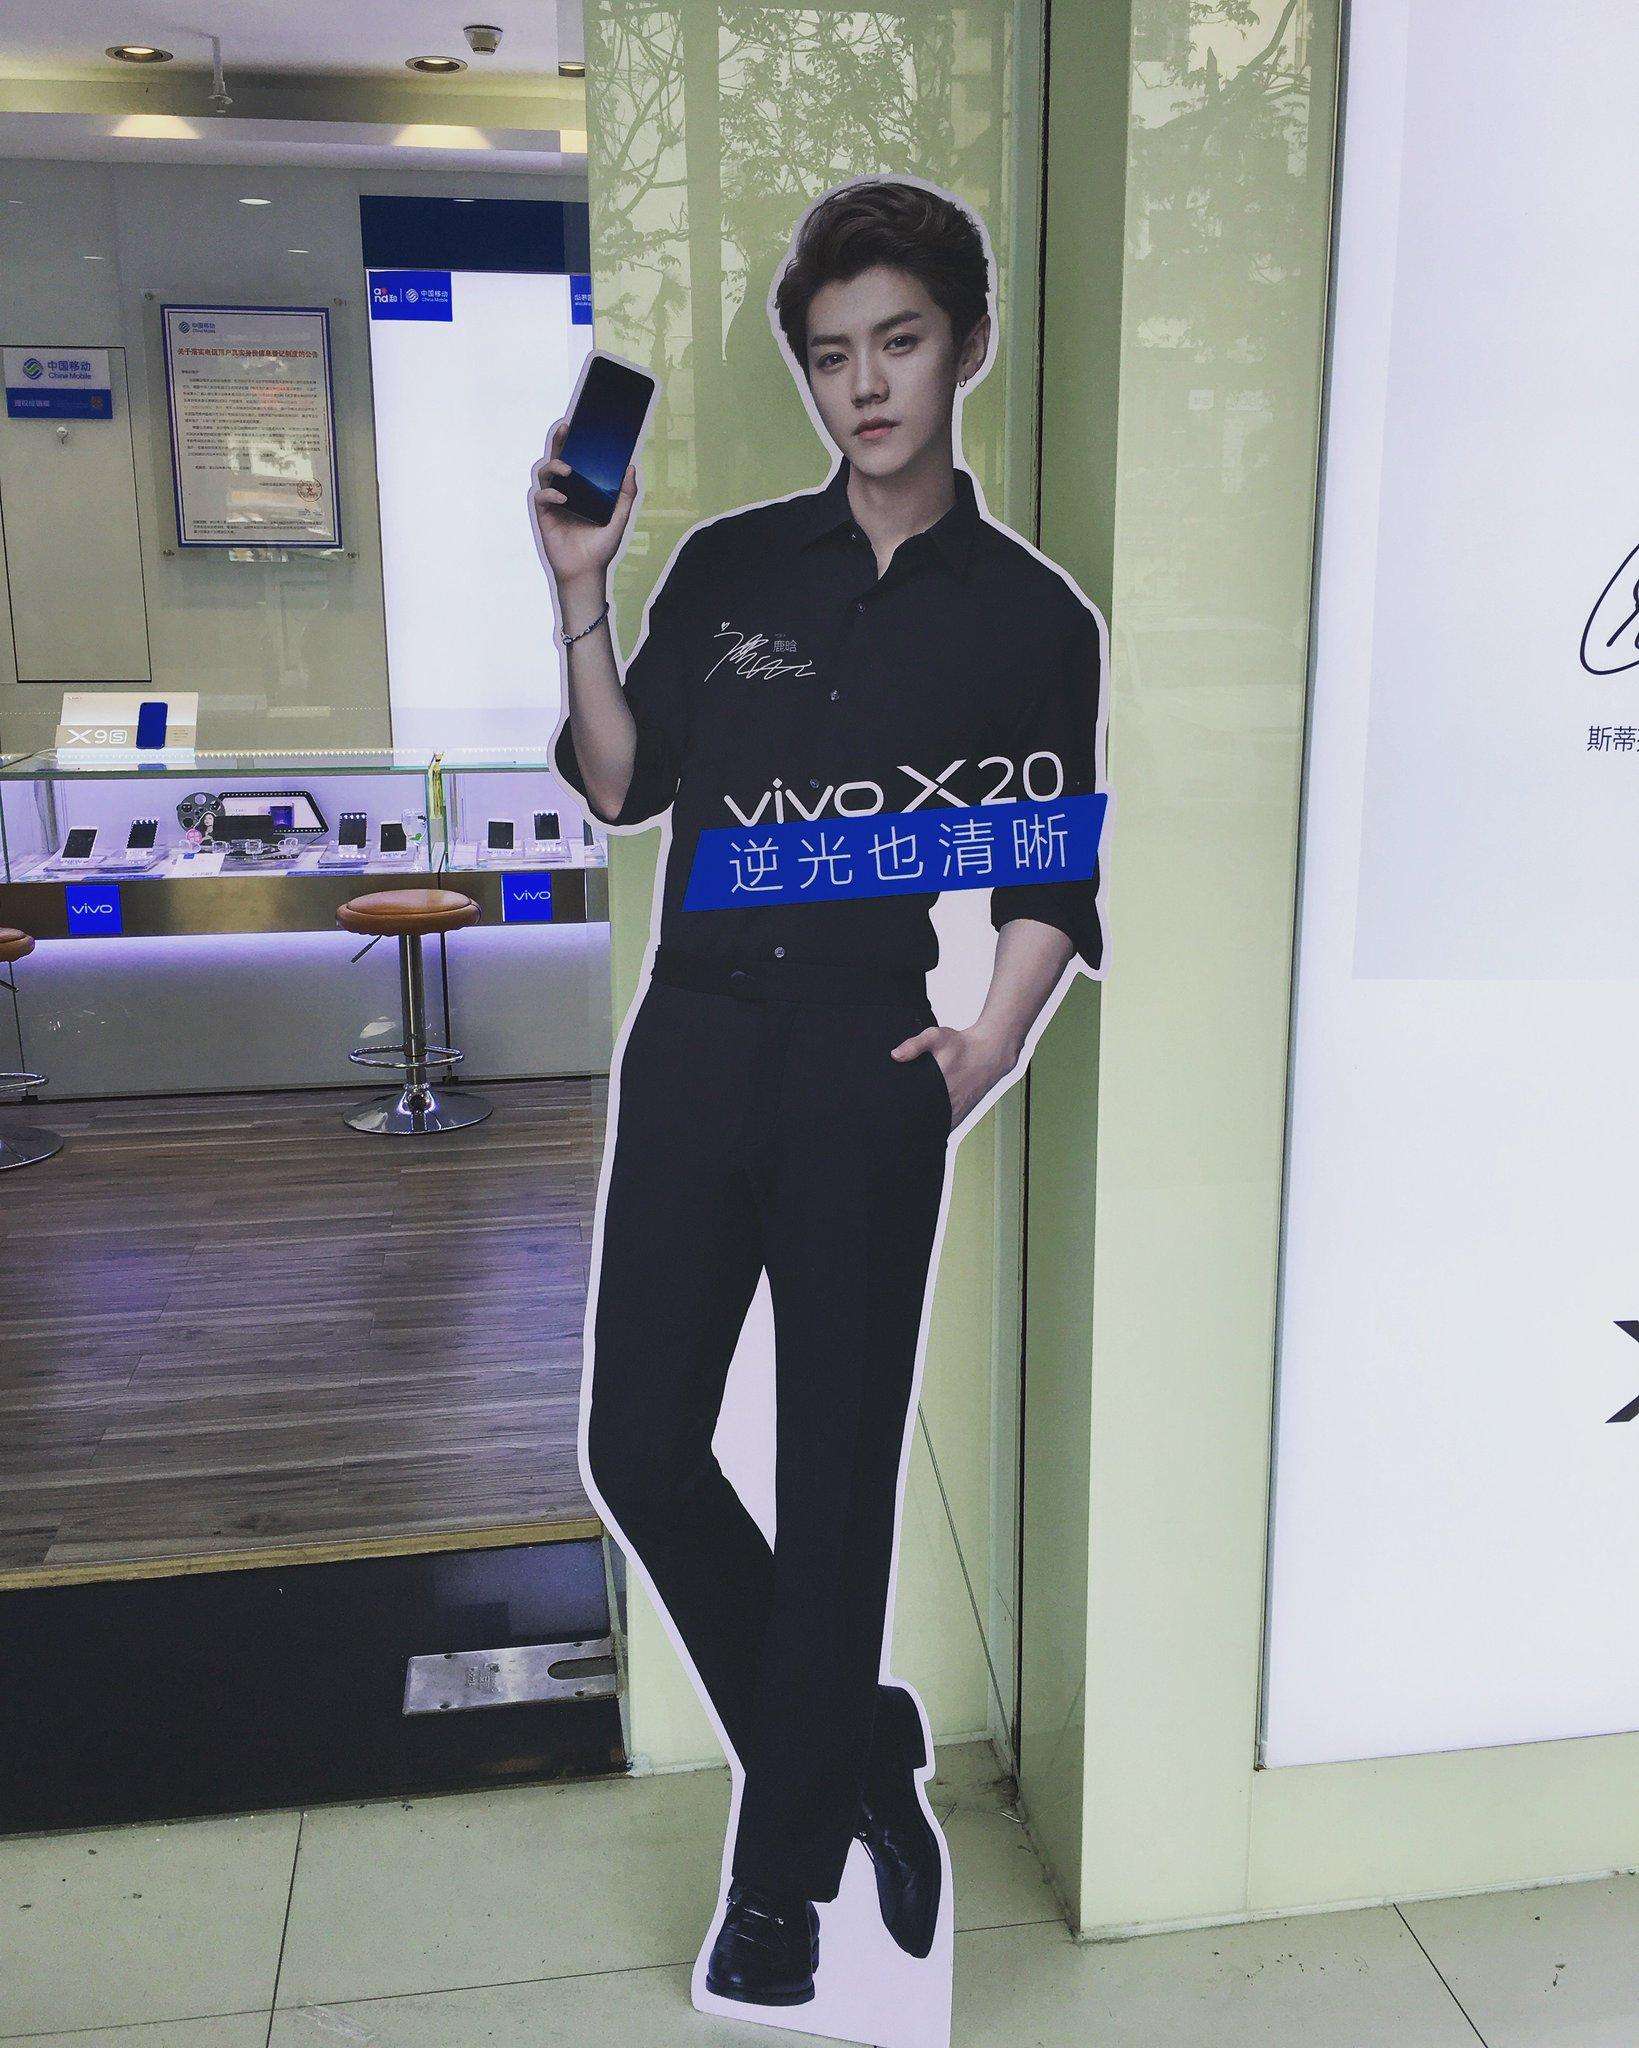 [17.09.14] Stand de LuHan para vivo X20 en las tiendas https://t.co/9ti7OxJU42 Crédito: 路依依本人 https://t.co/6IDsBeoYpv